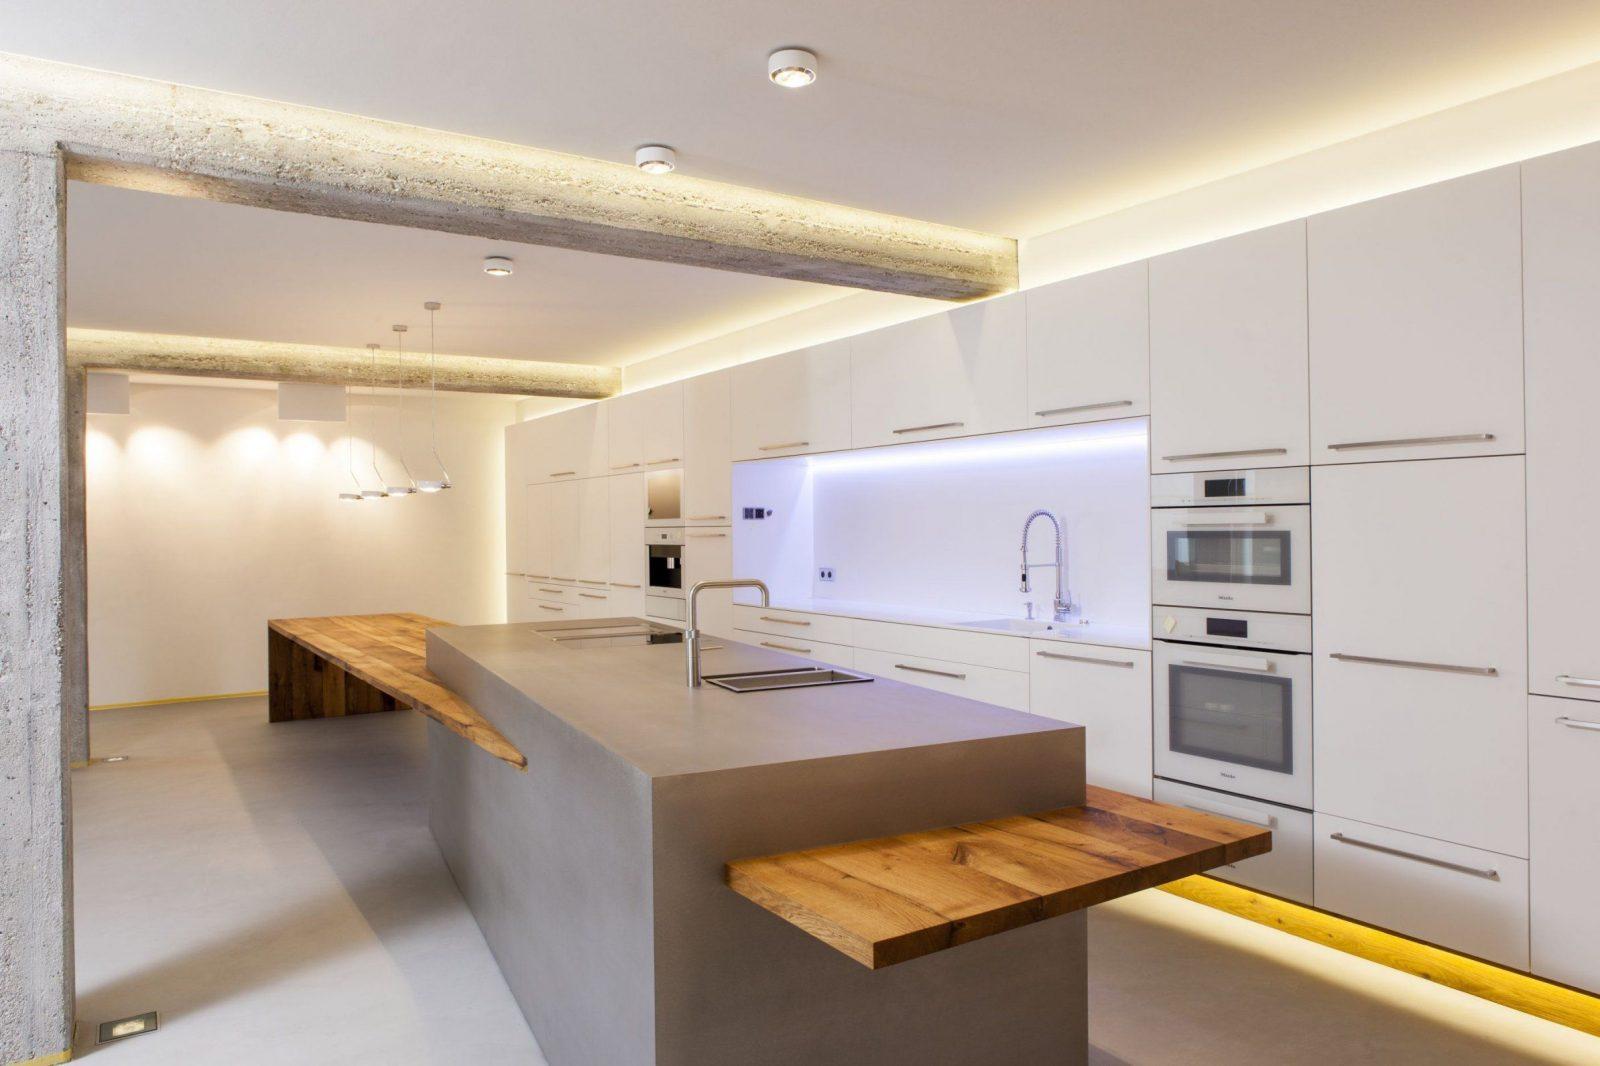 Zwinz Loft Küche Kochinsel Lack Edelstahl Altholz Tisch 3 von Küche Mit Kochinsel Und Tisch Photo